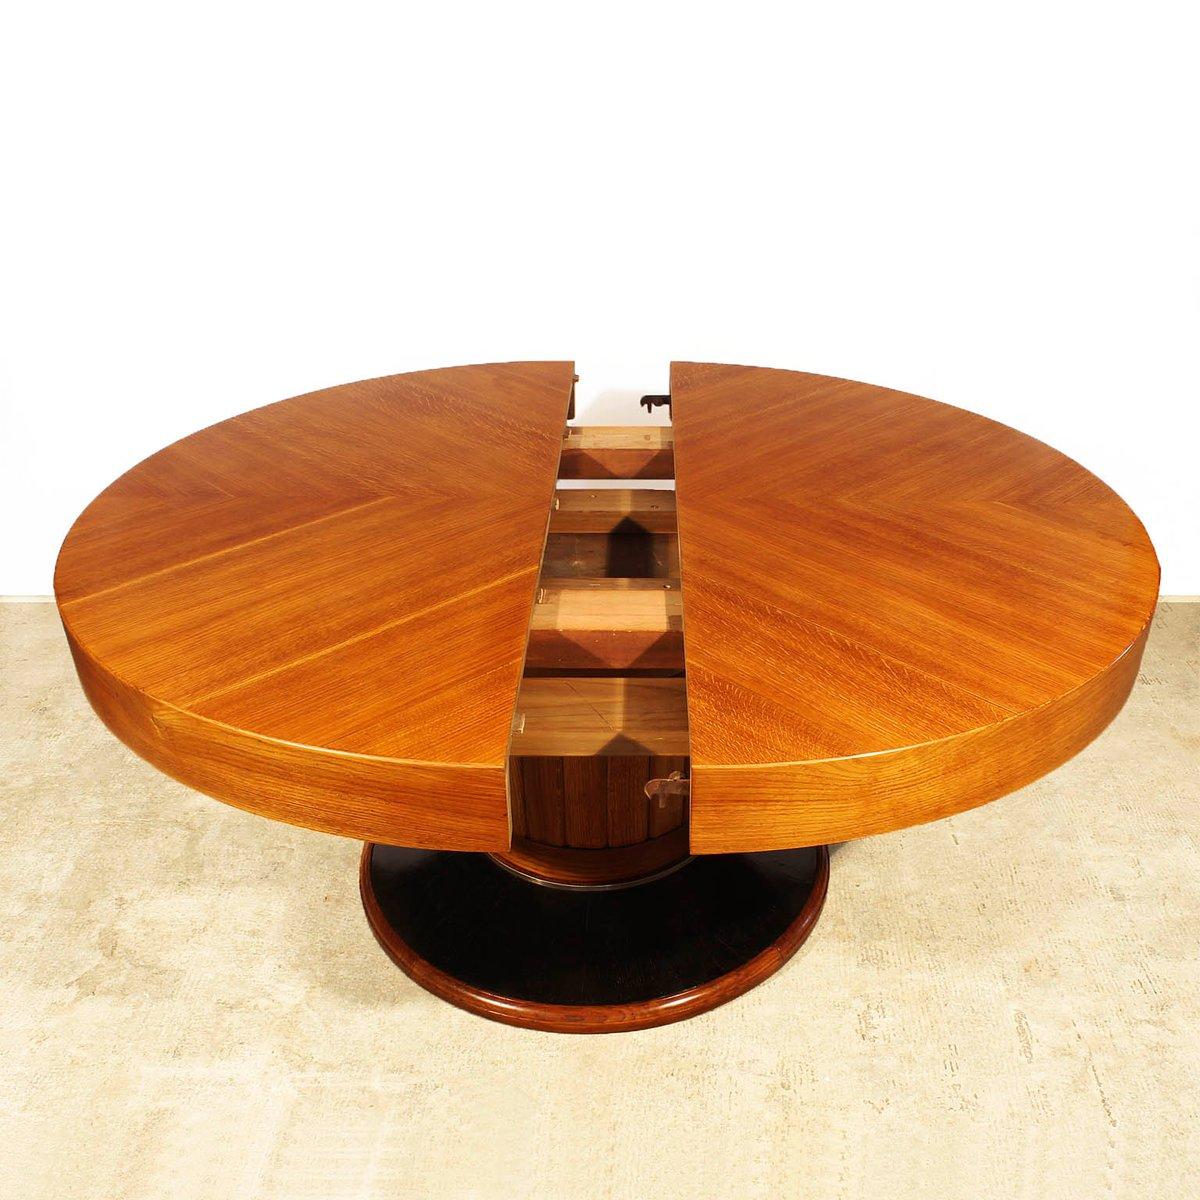 gro er runder spanischer art deco tisch 1930er bei pamono kaufen. Black Bedroom Furniture Sets. Home Design Ideas